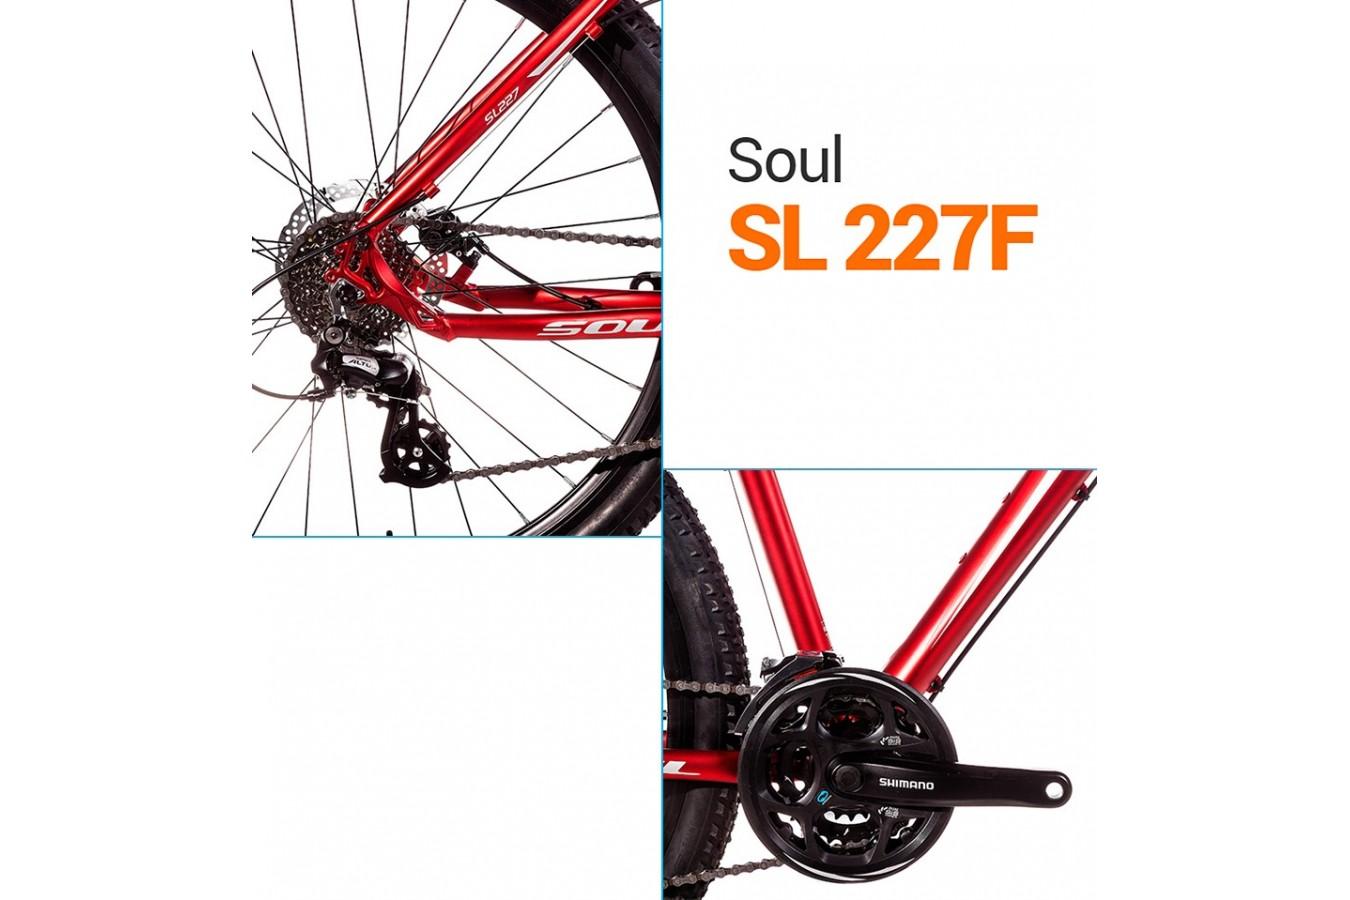 Bicicleta 27,5 SL227F 24V - Soul